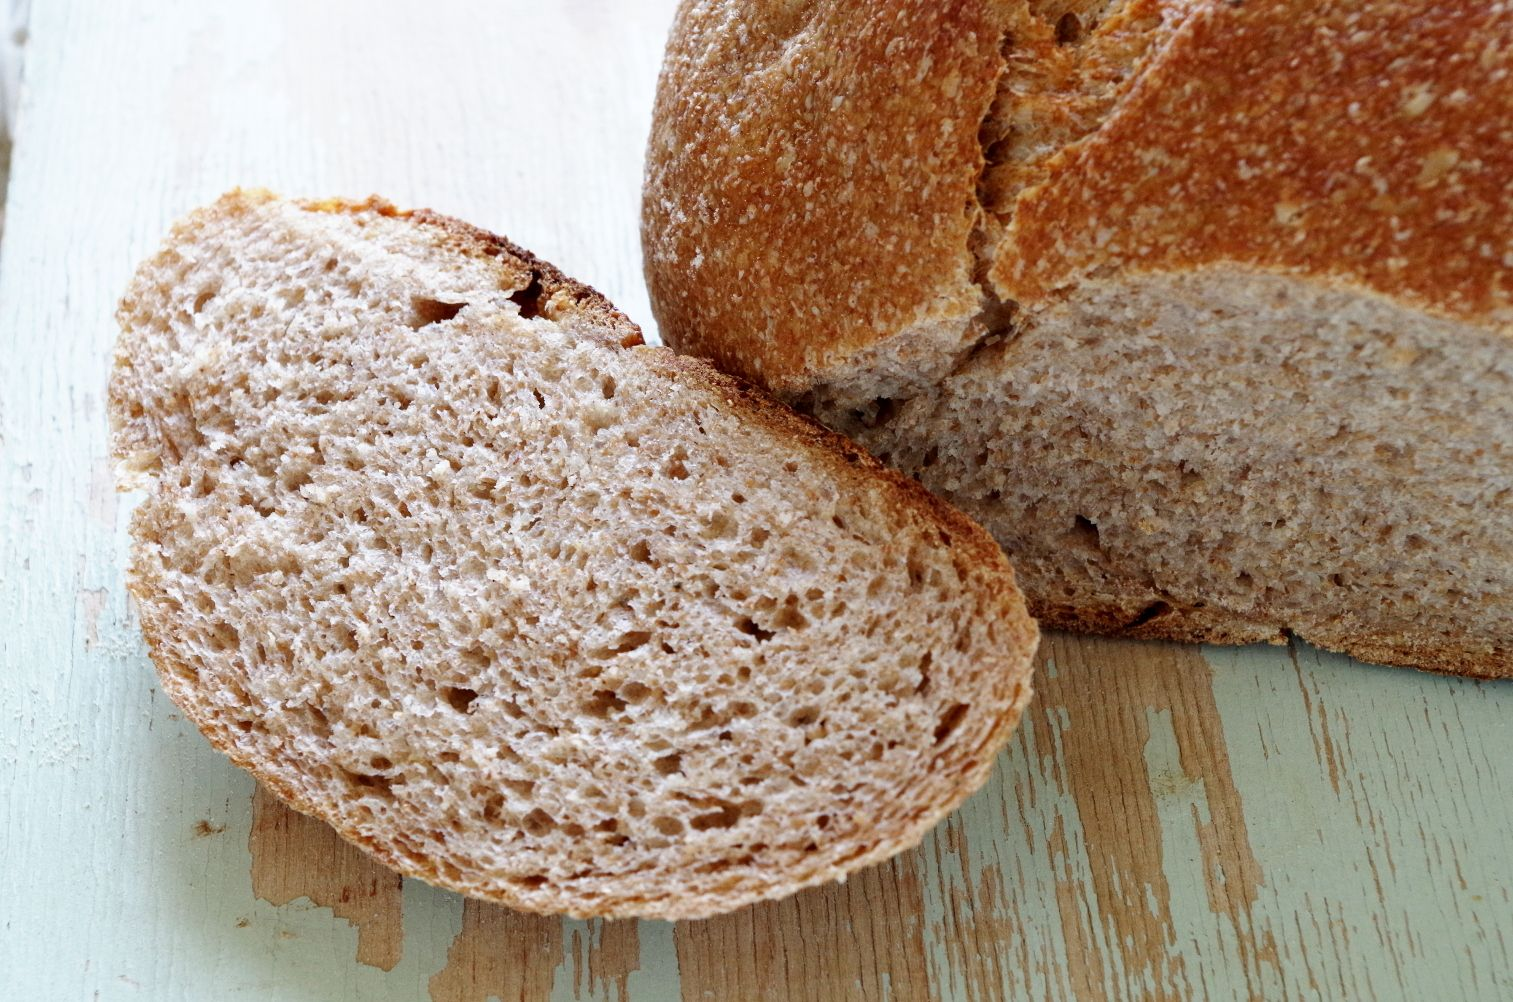 Ложки приправы для хлеба (я положила 1 ч л кориандра, но это на любителя, можно и без приправ).